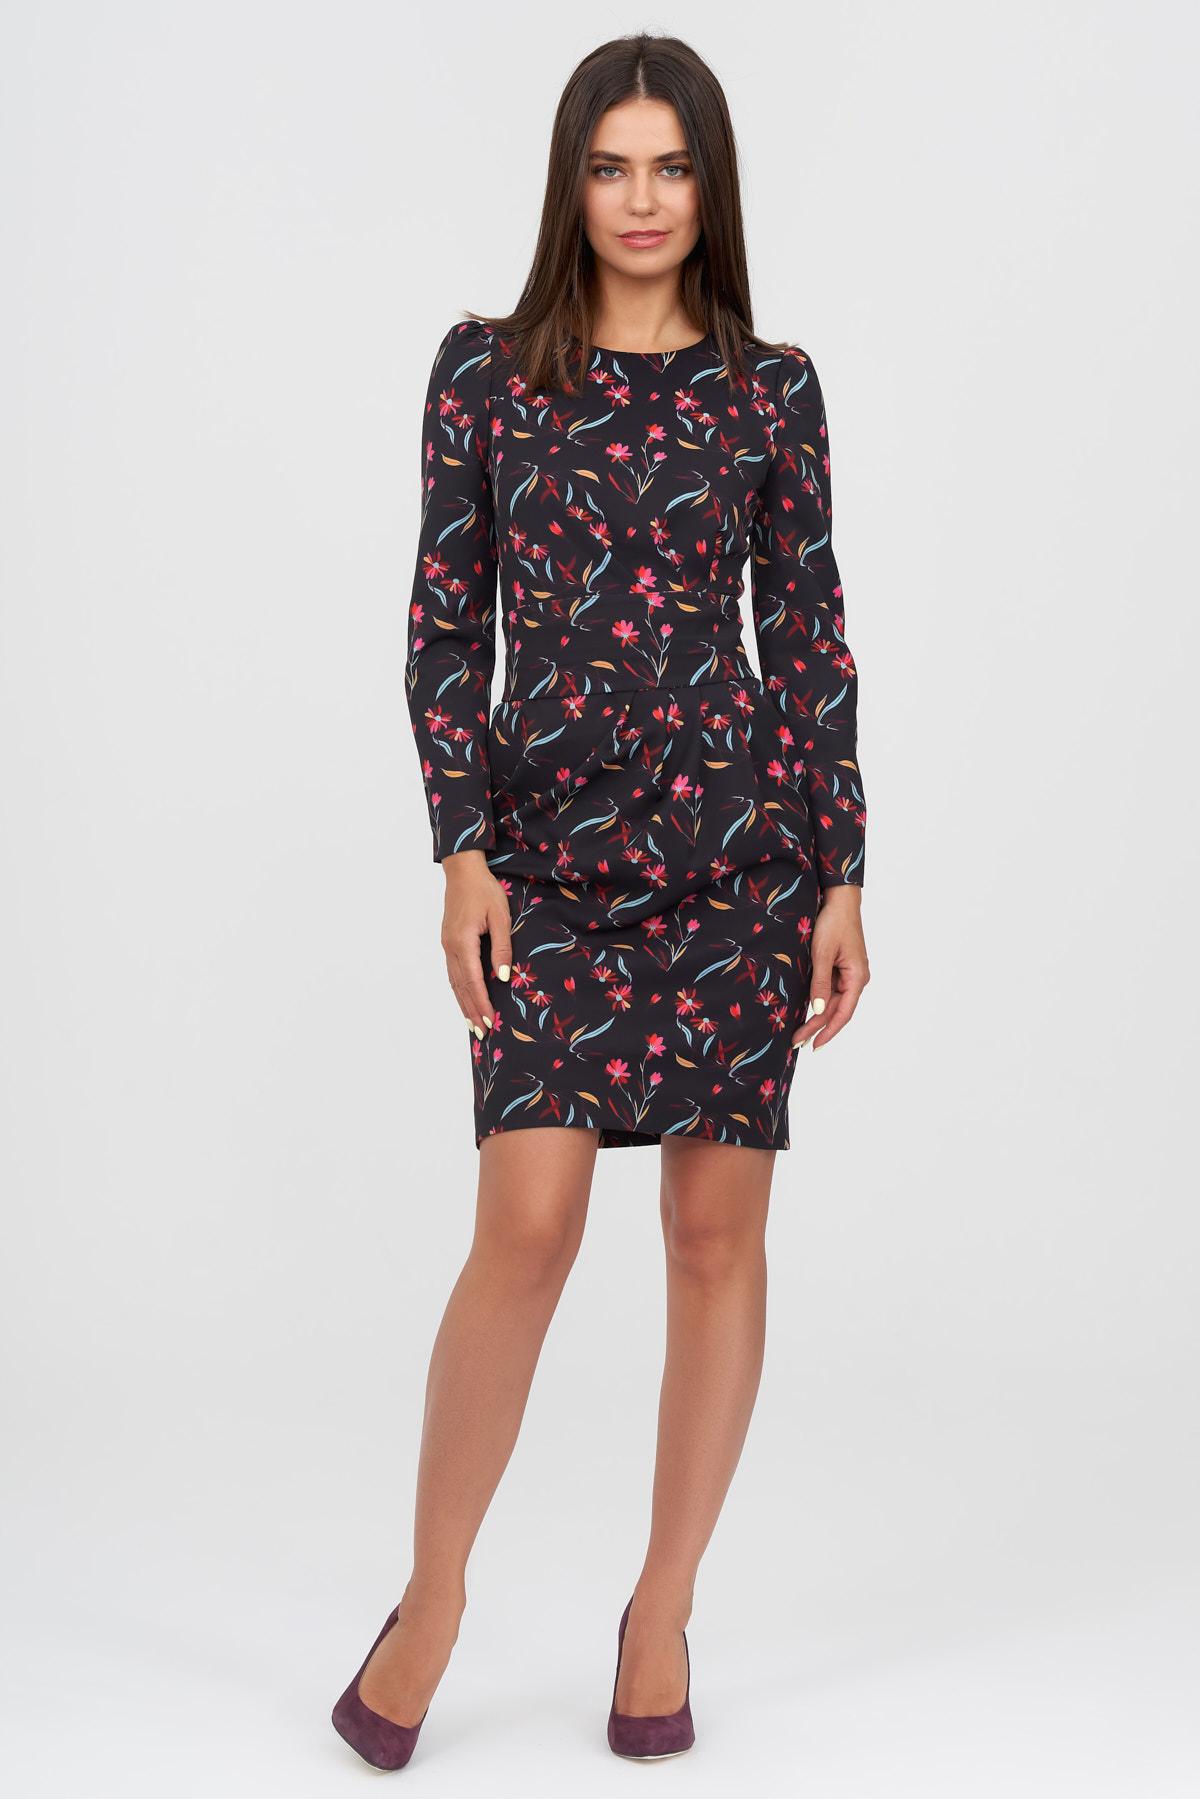 Платье женские Natali Bolgar модель 19050KR160 приобрести, 2017